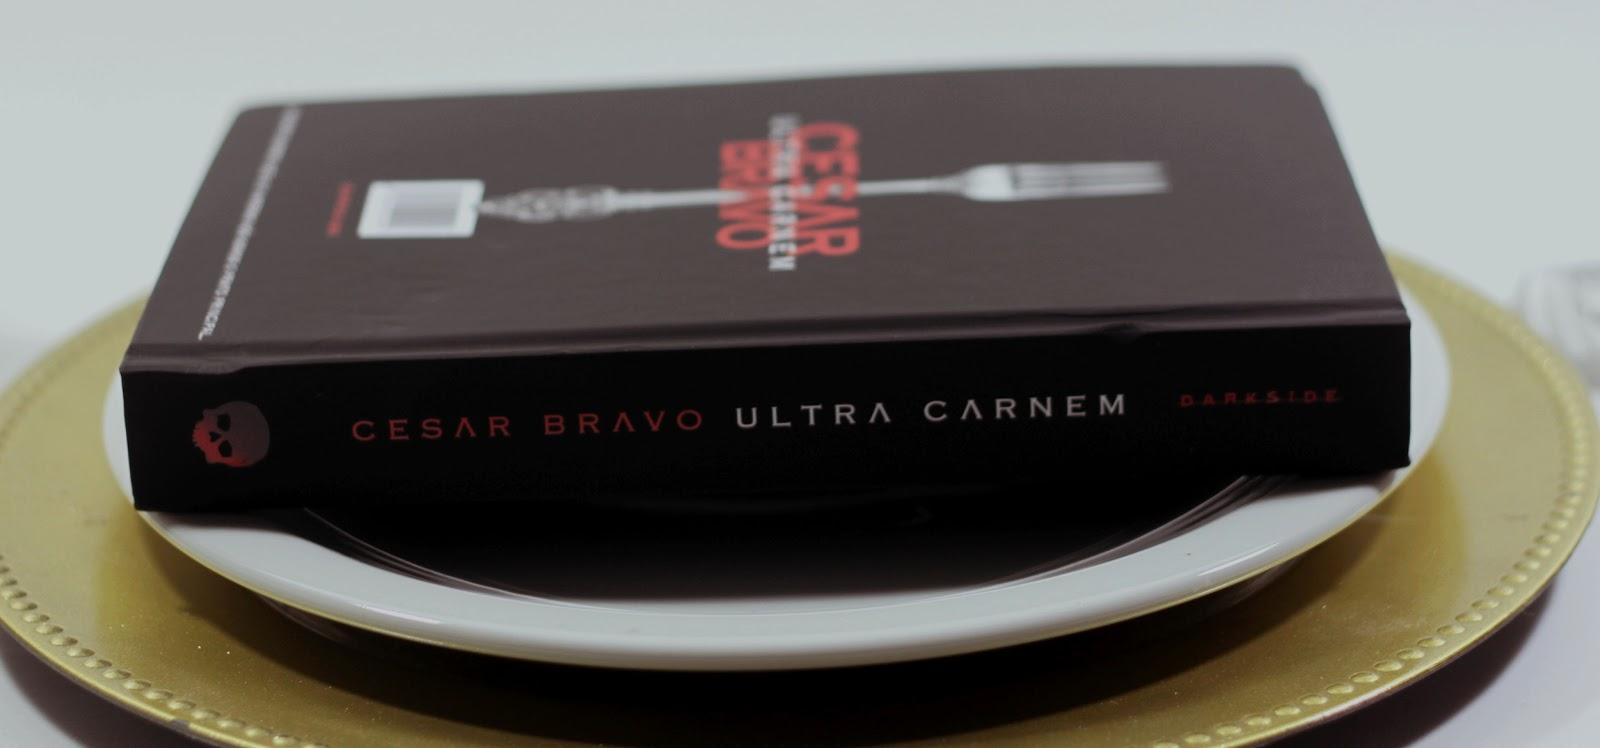 Ultracarnem Cesar Bravo sooda blog